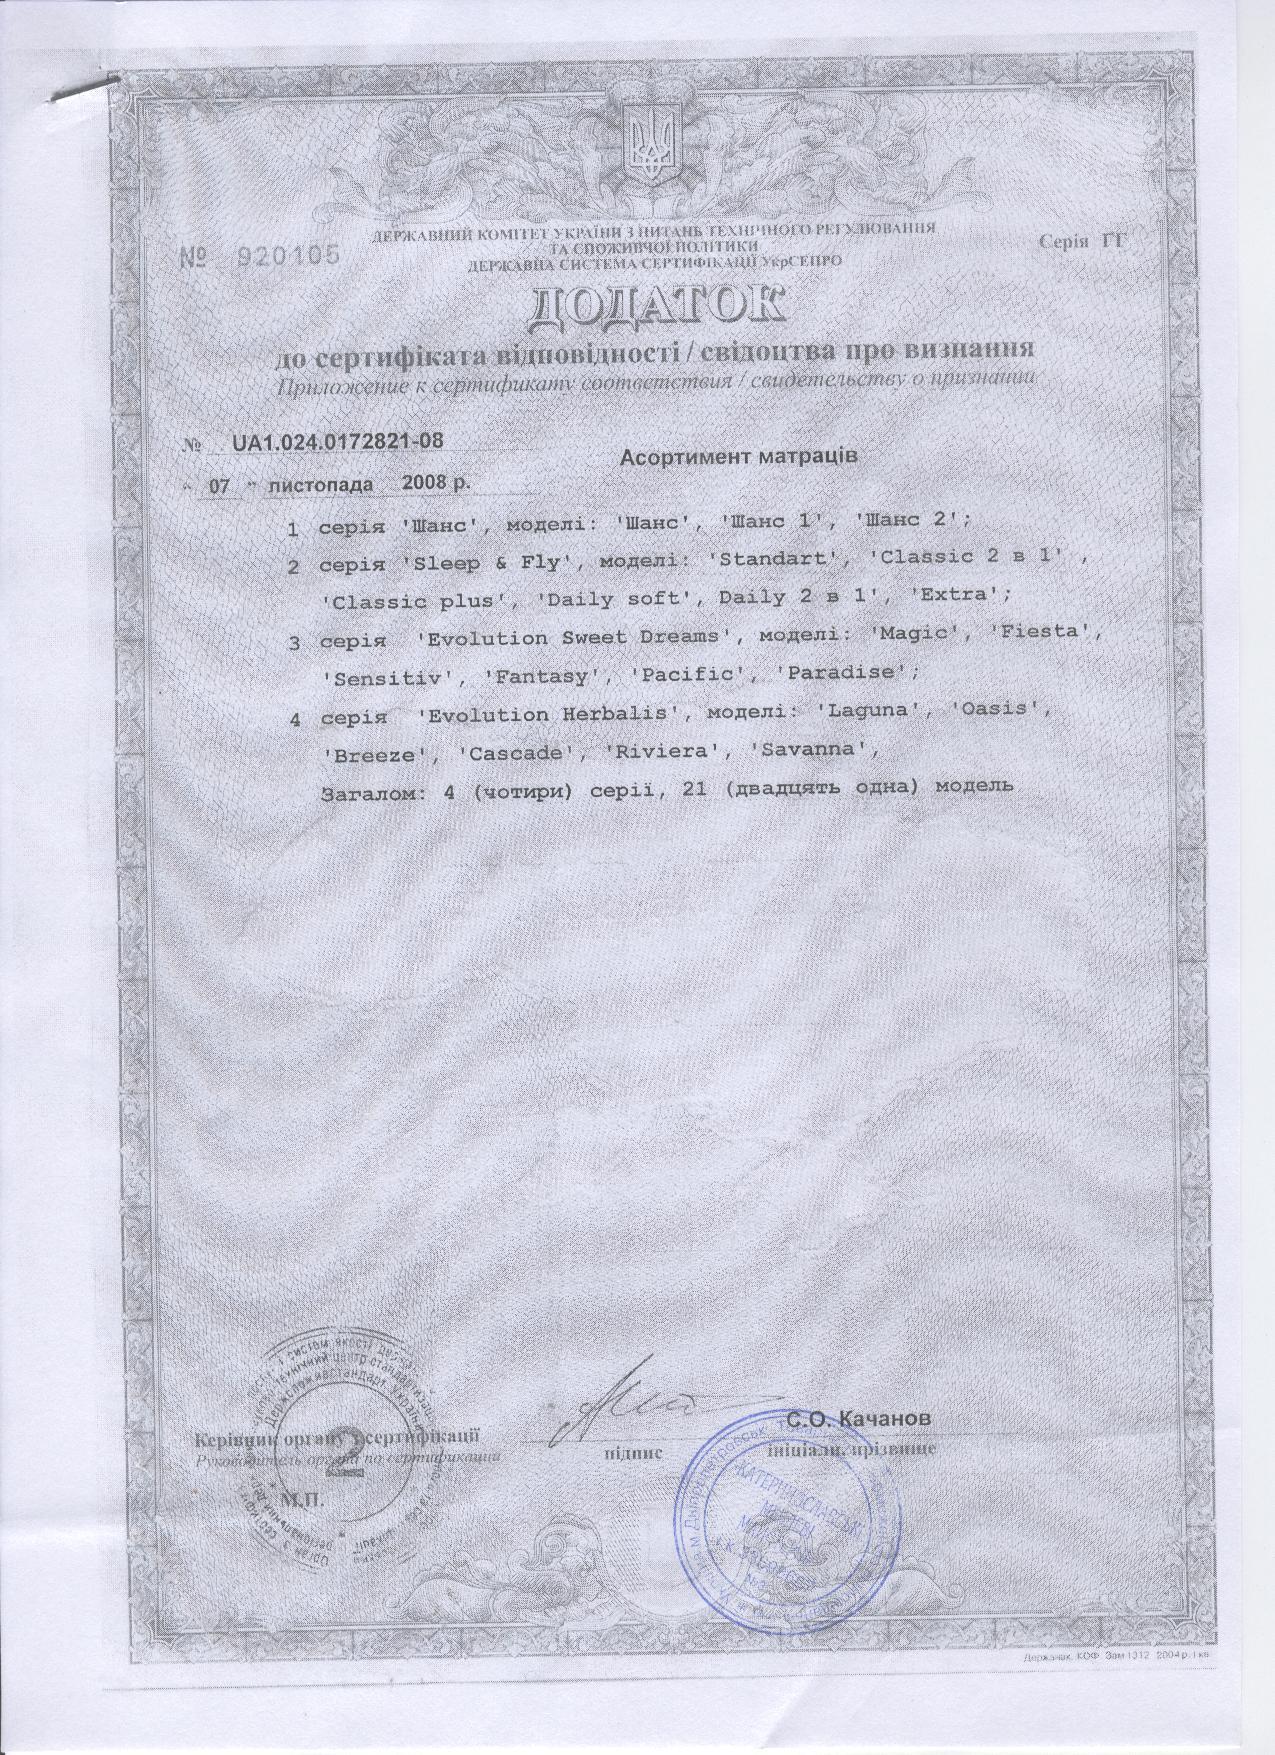 Дополнение 1 к Сертификату на матрасы